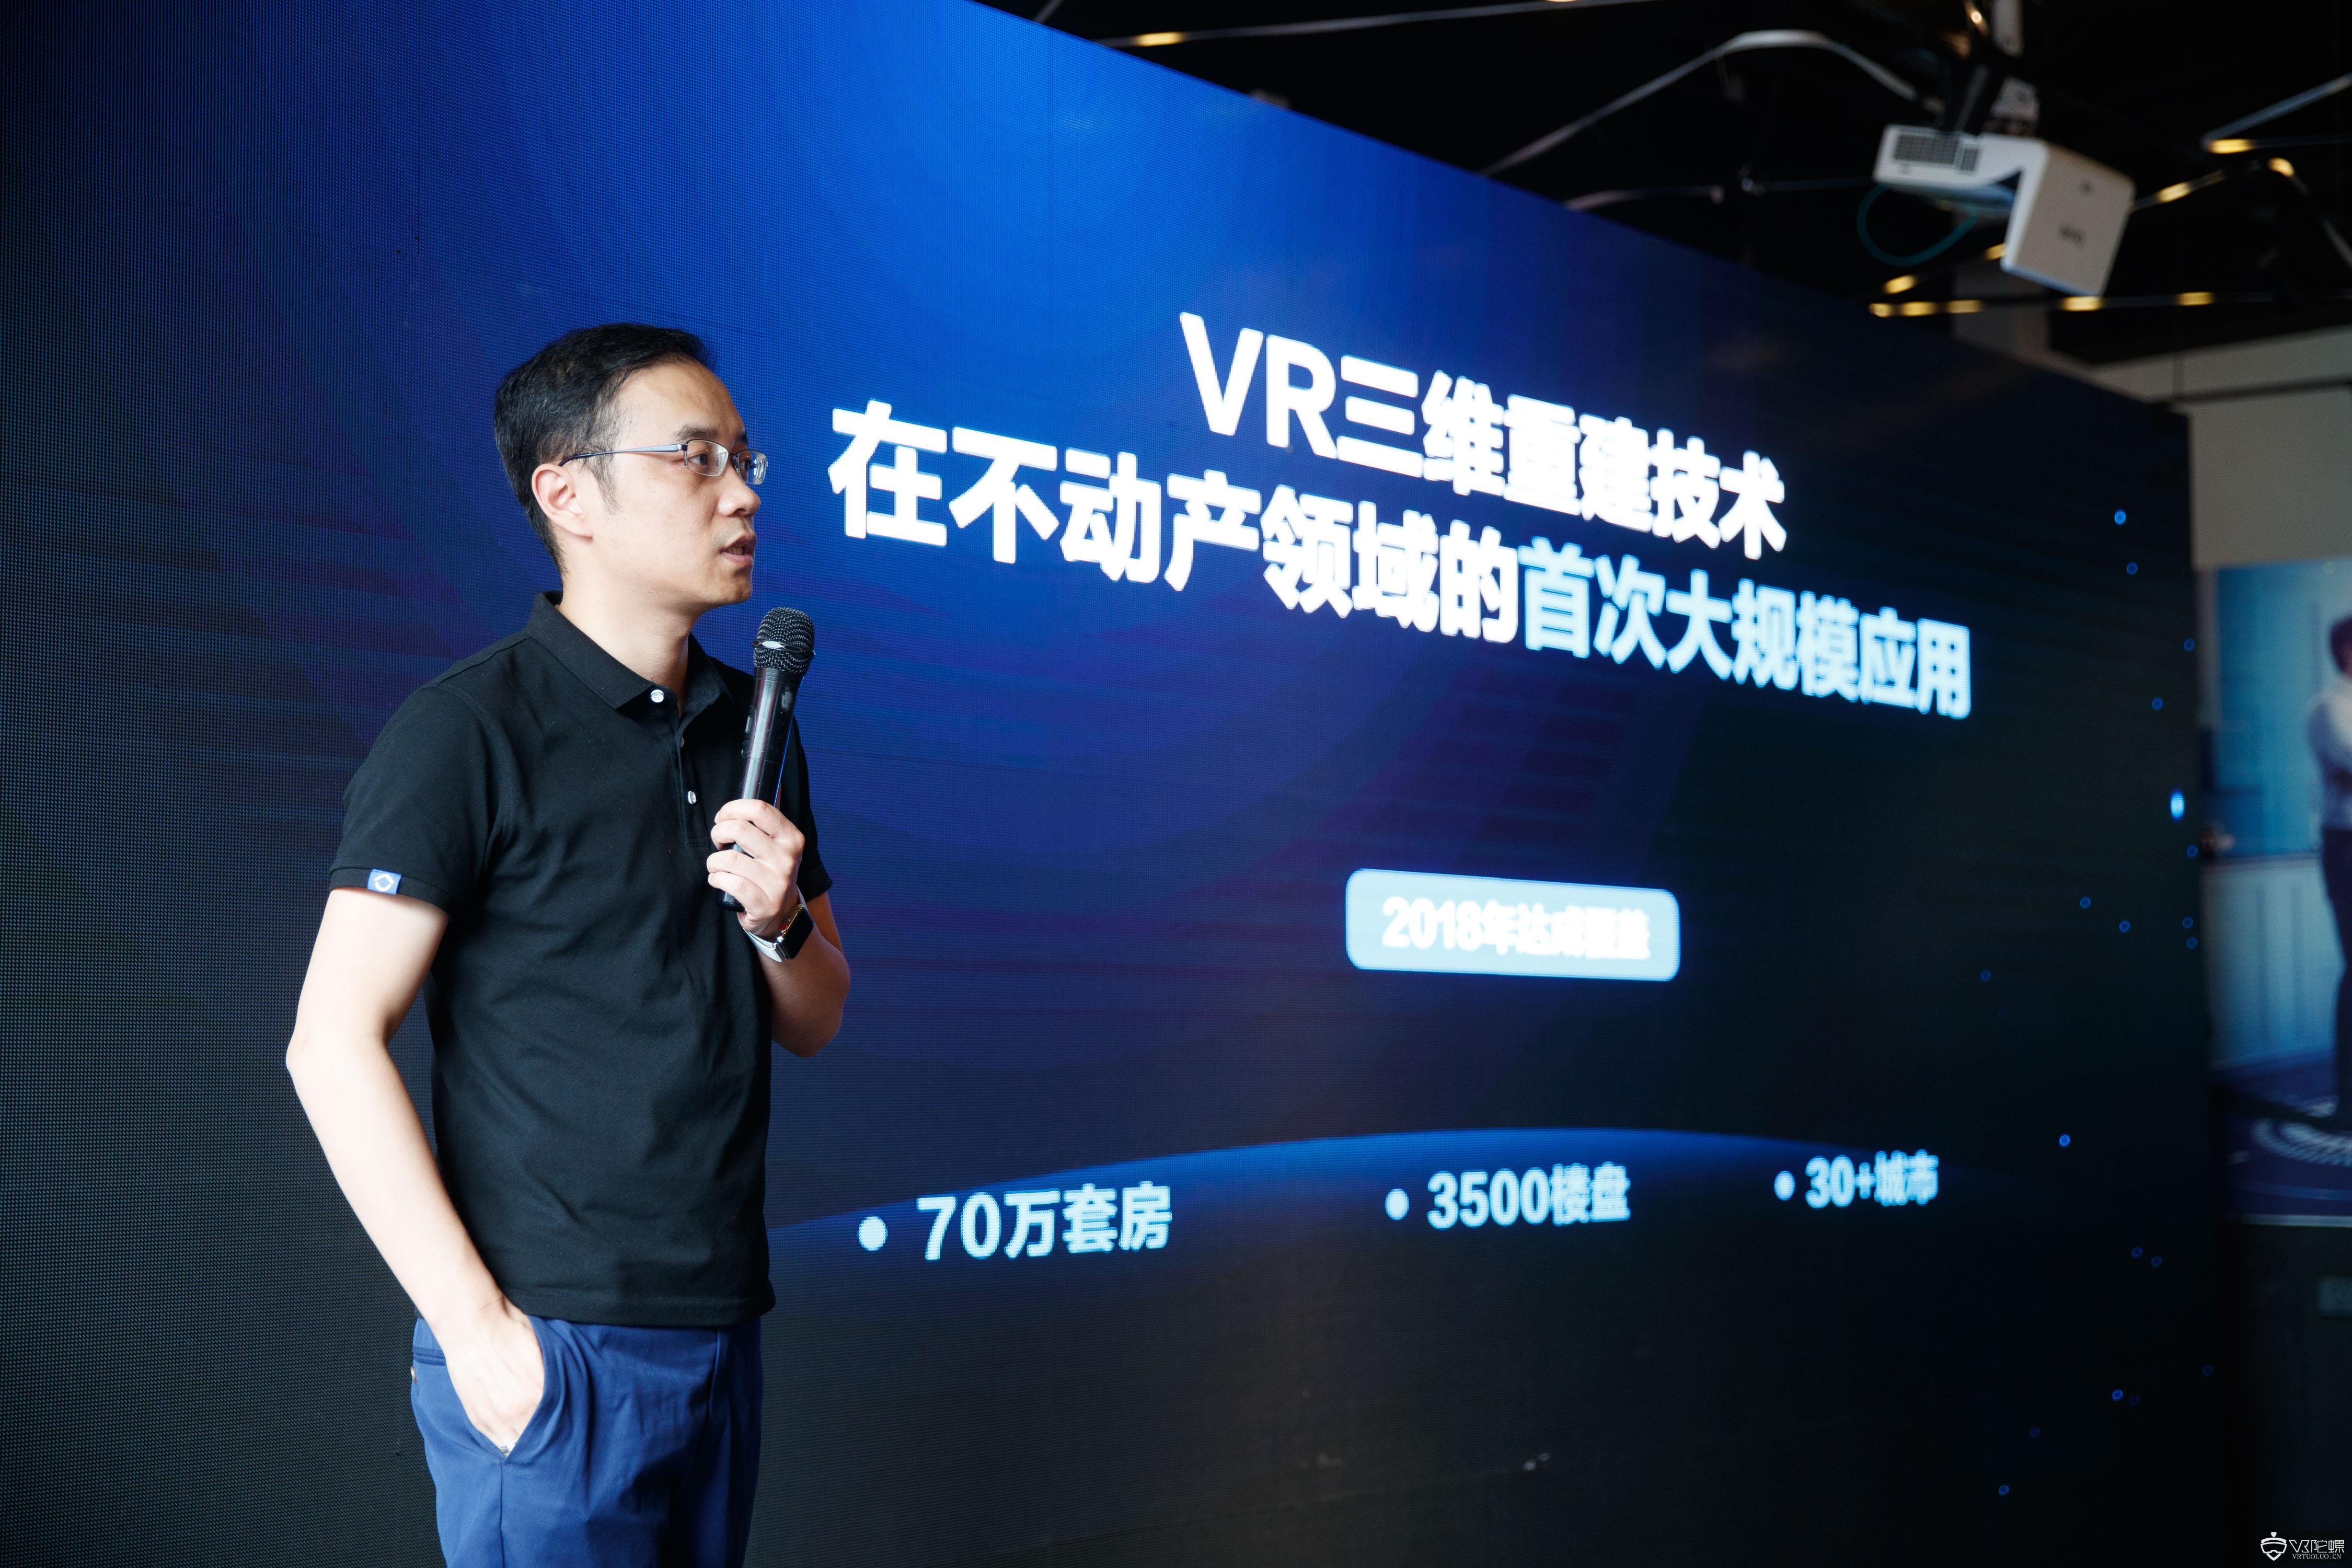 链家升级品牌贝壳找房推VR看房,今年要让70万套房VR化